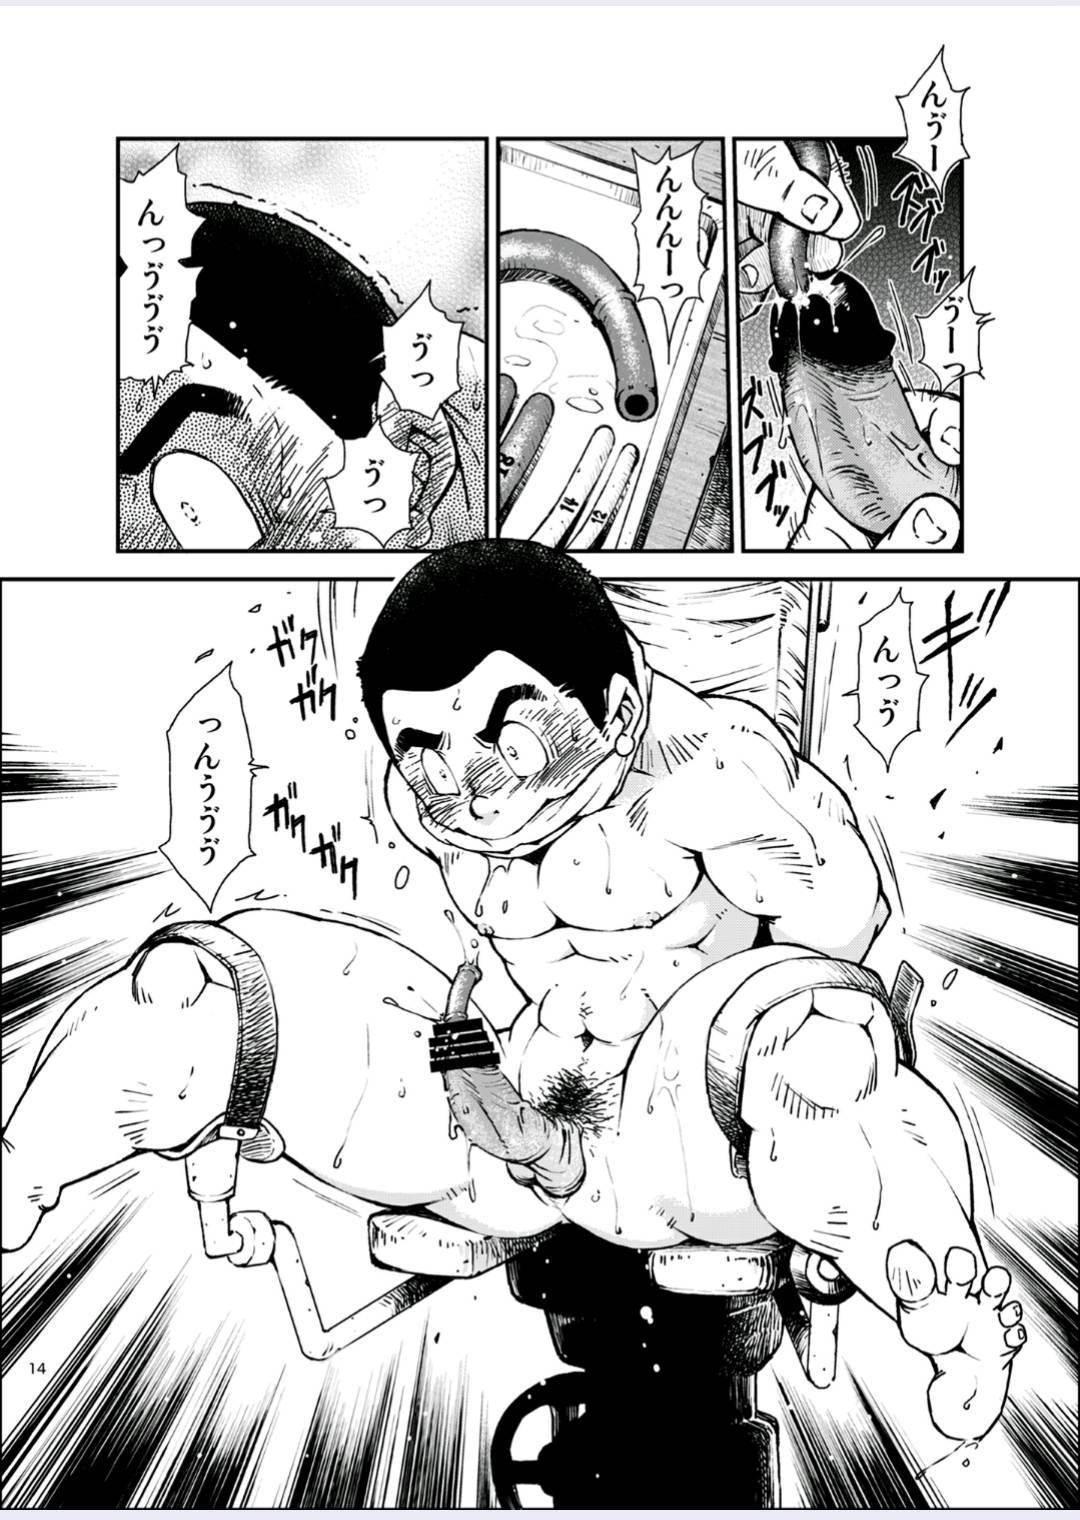 [KOWMEIISM (Kasai Kowmei)] Tadashii Danshi no Kyouren Hou (Yon) Deku to Kairai to [Digital] 14